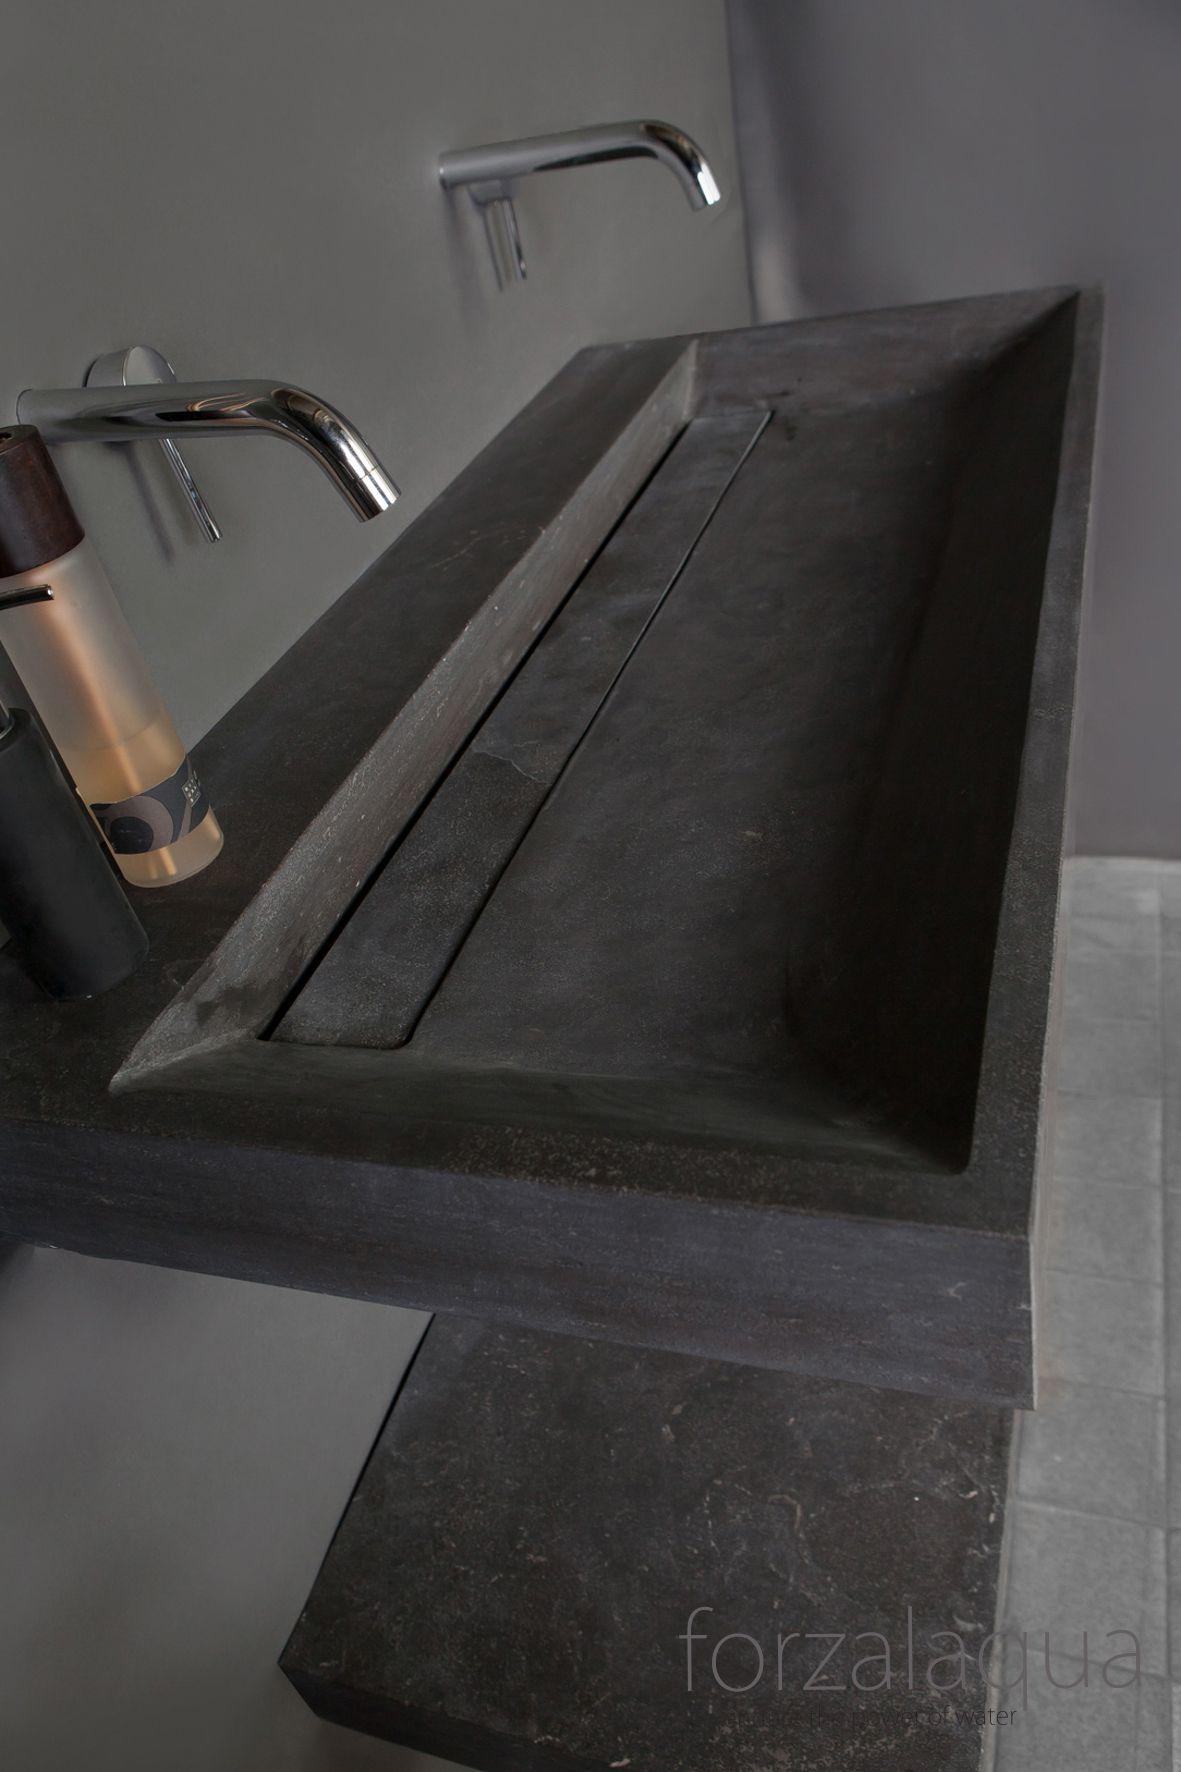 forzalaqua bellezza wastafel hardsteen 100x47x9cm zonder kraangat